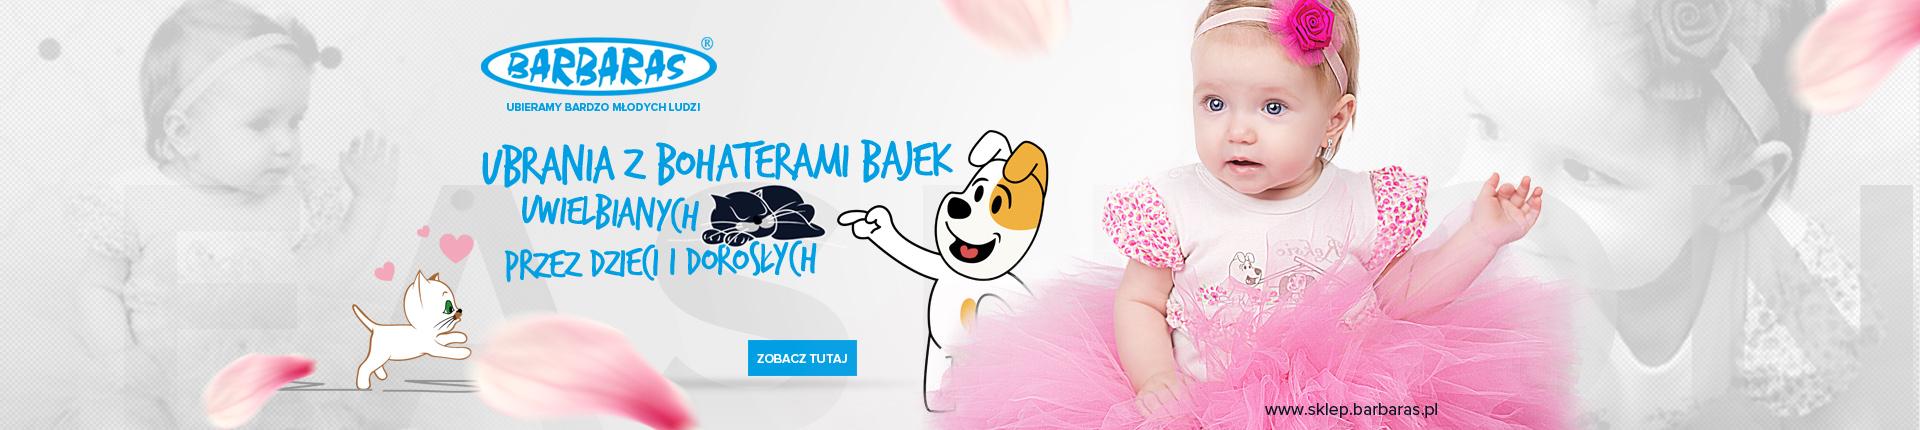 Barbaras - Producent modnych ubranek i czapek dziecięcych z wizerunkiem psa Reksia, kota Filemona i Bonifacego.